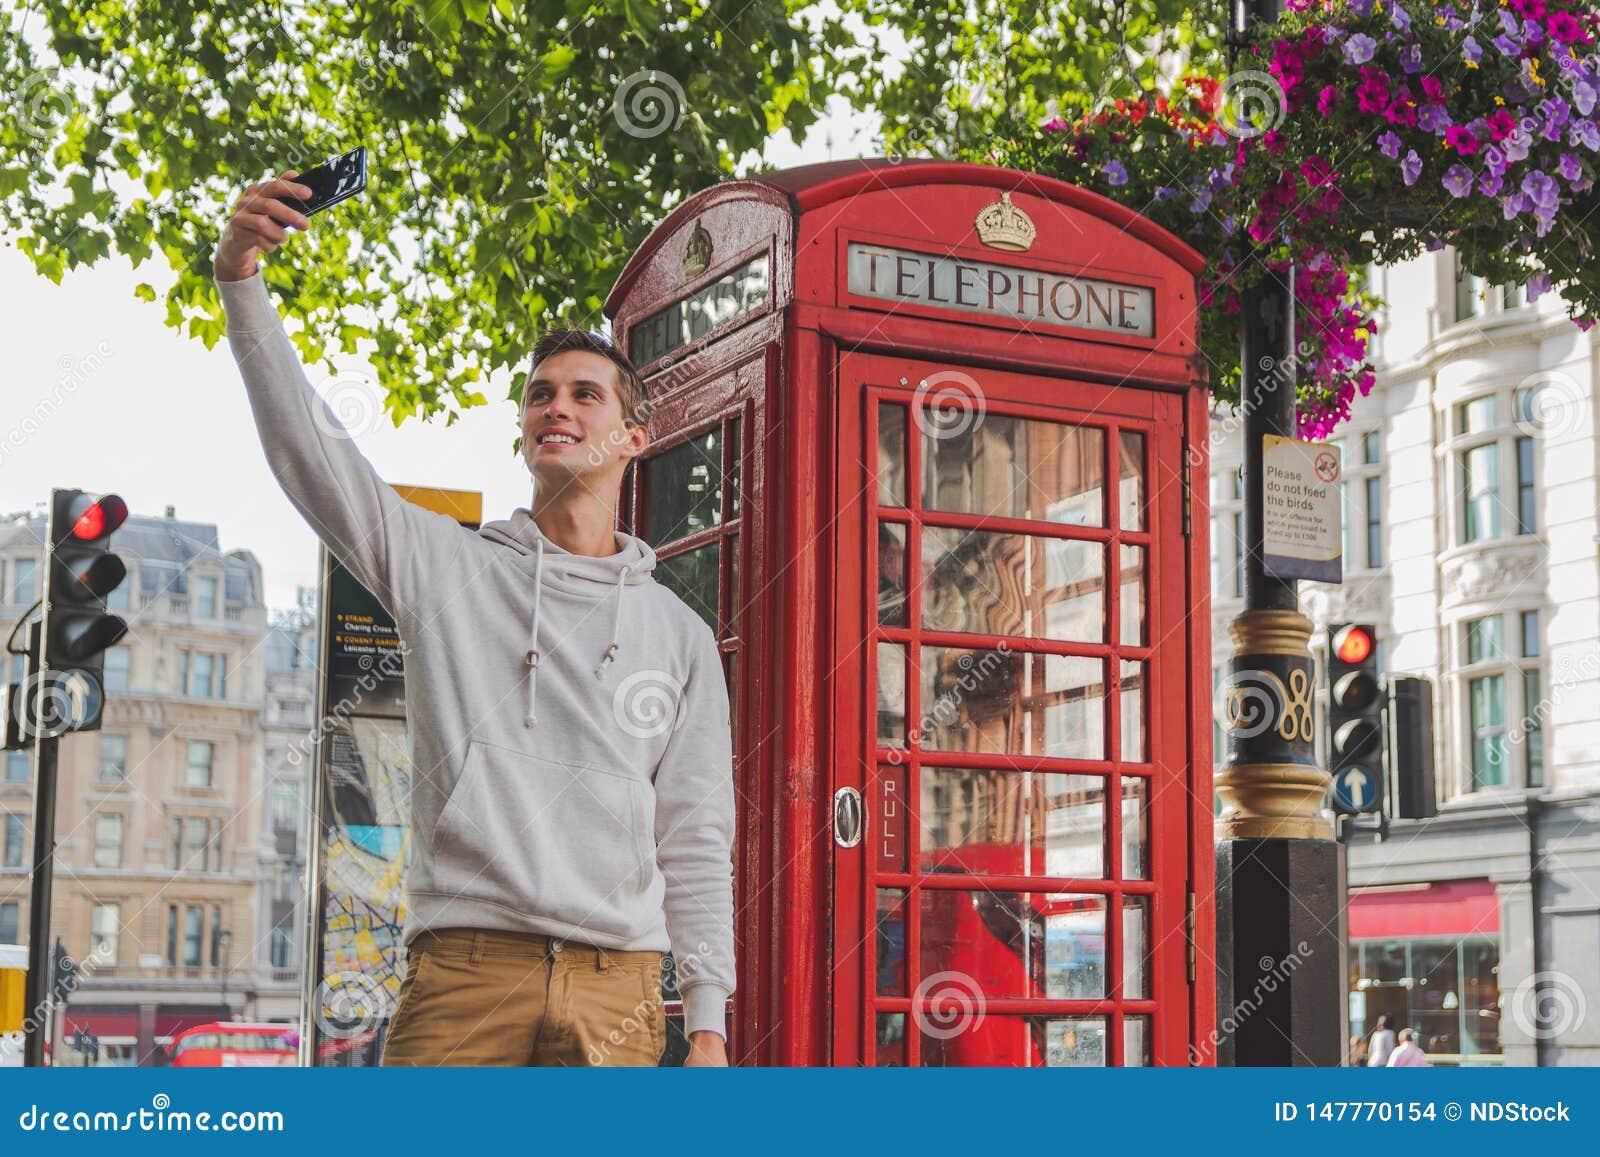 Giovane ragazzo felice che prende un selfie davanti ad un contenitore di telefono in Londond